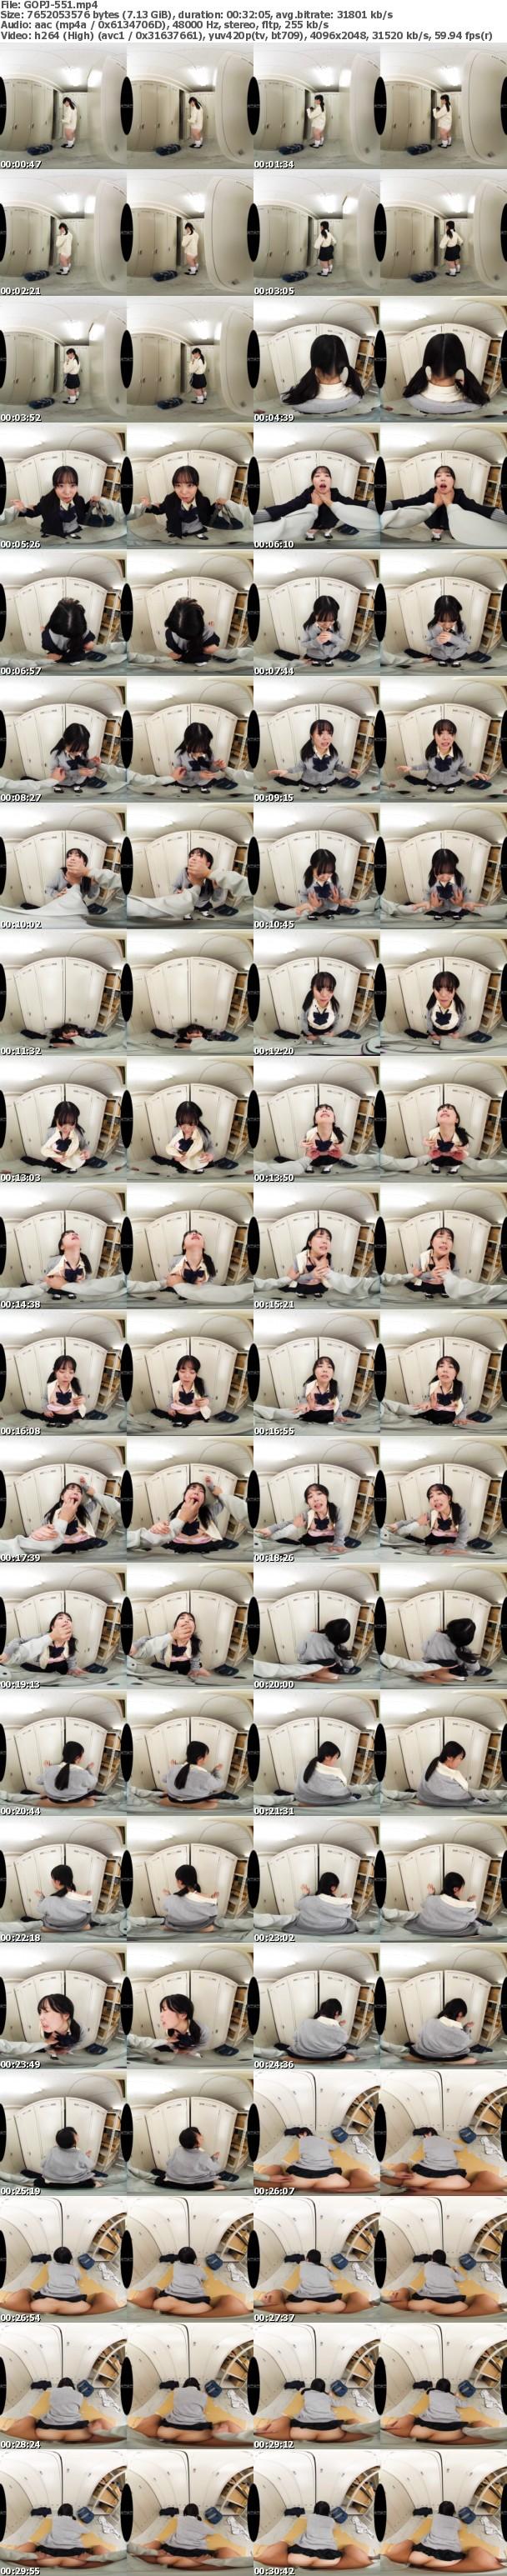 (VR) GOPJ-551 HQ 劇的超高画質 制服美少女 更衣室レ×プ 逃げ場の無い密室で怯え震えても行為は続き恥辱中出し